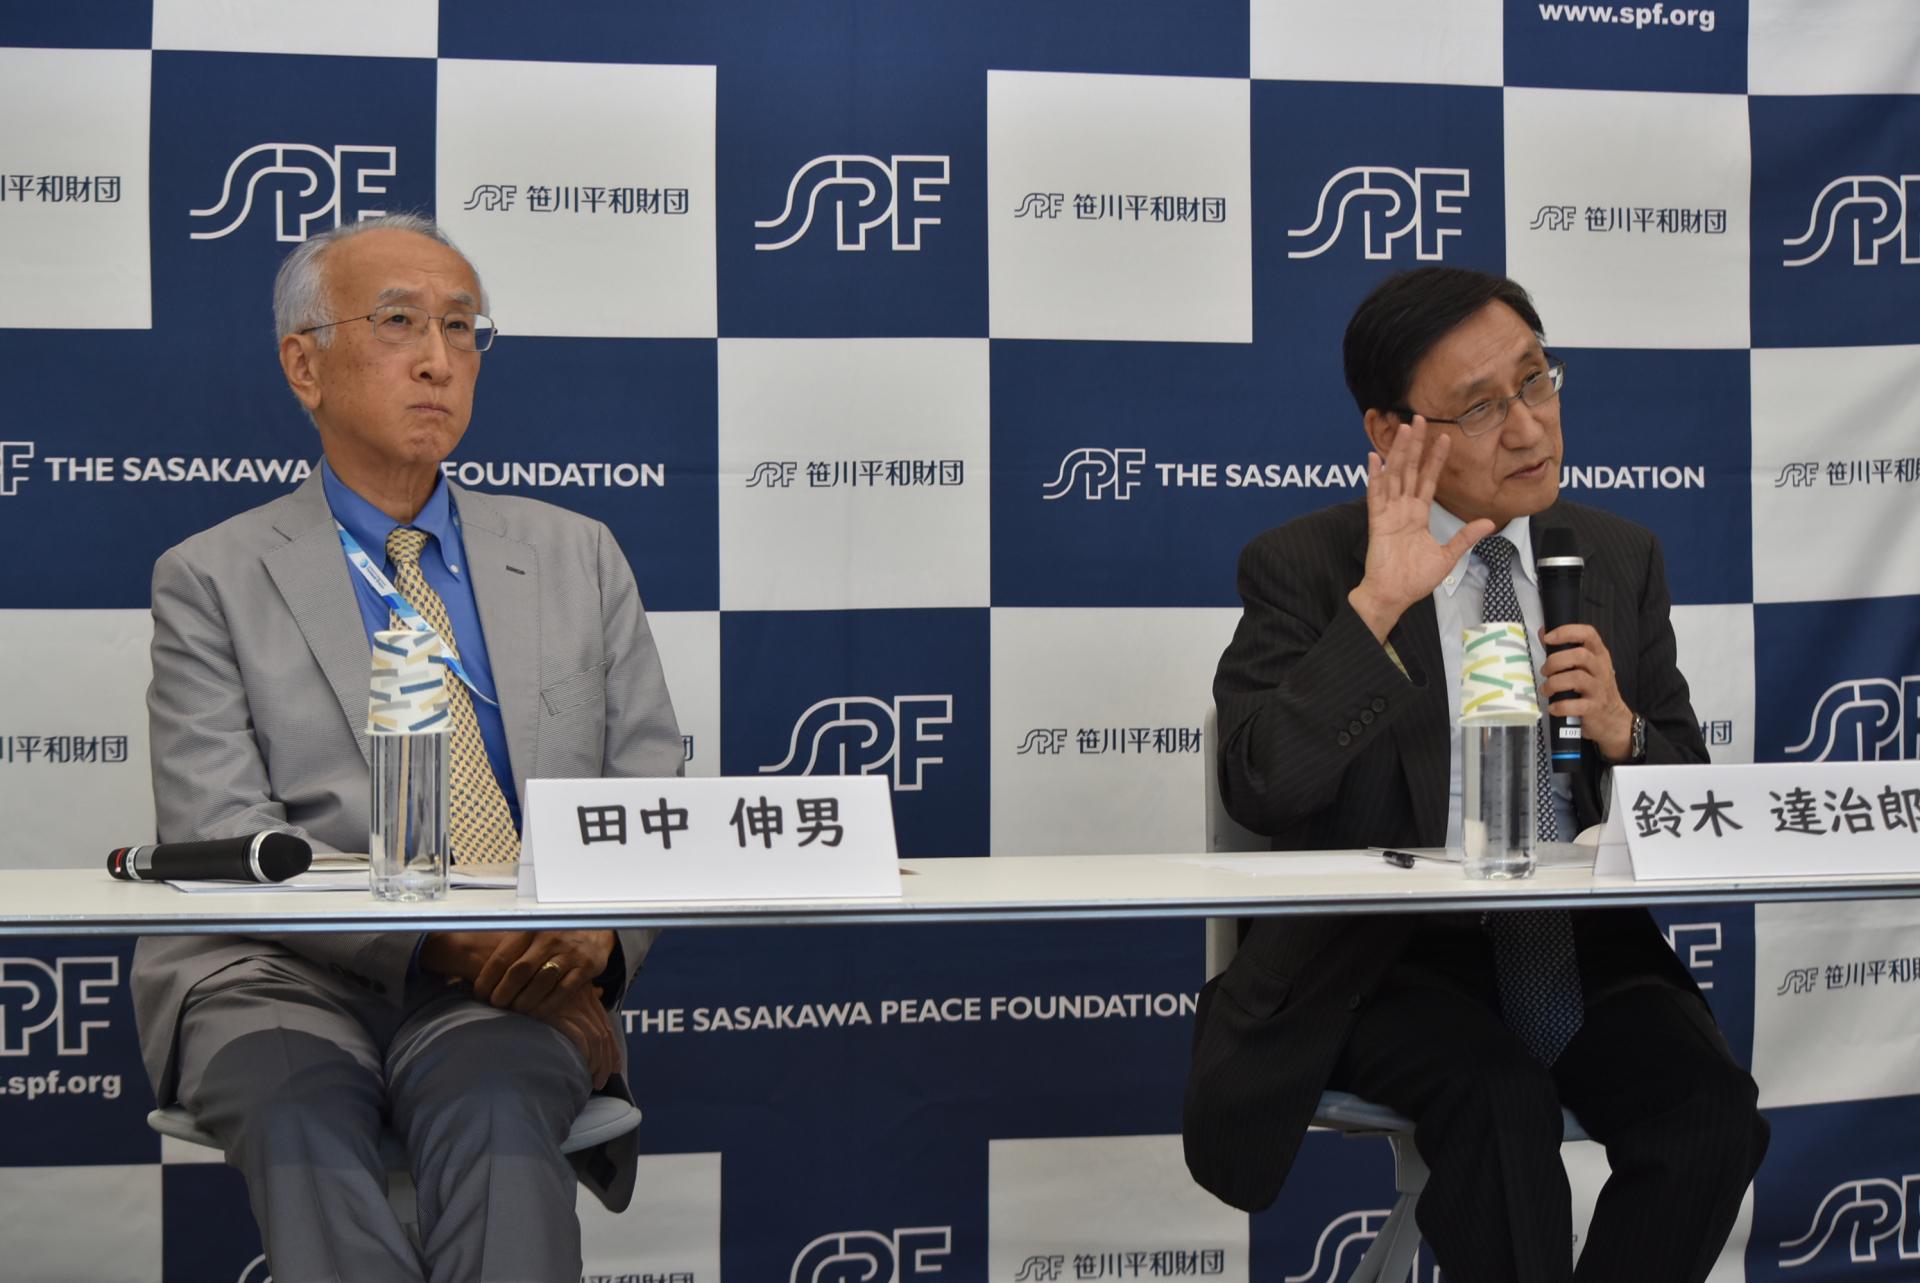 記者会見に臨んだ田中伸男会長(左)と、研究会座長で長崎大学核兵器廃絶研究センターの鈴木達治郎・副センター長